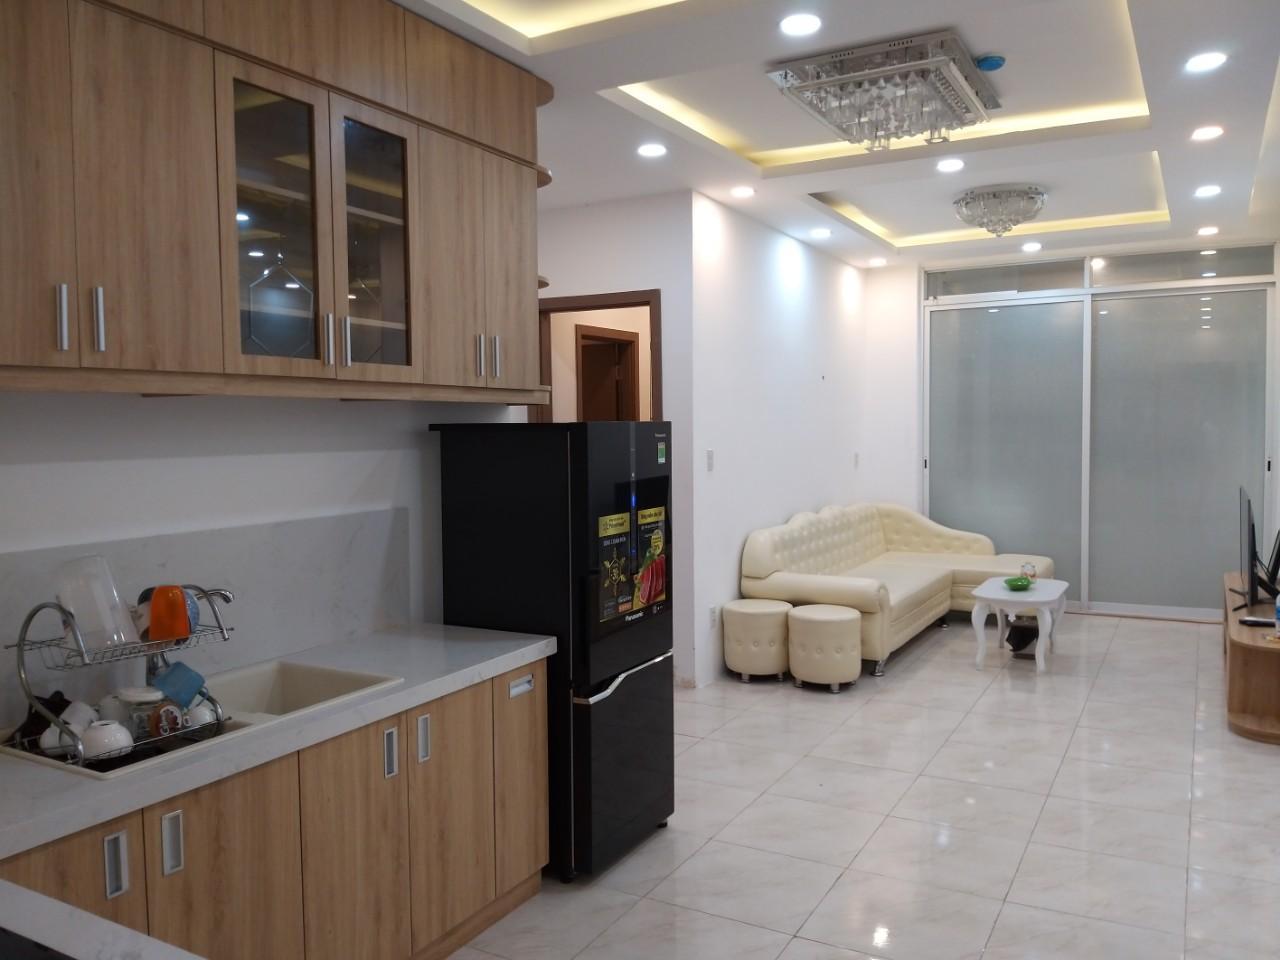 206 HomestayNha Trang OCA1 Building